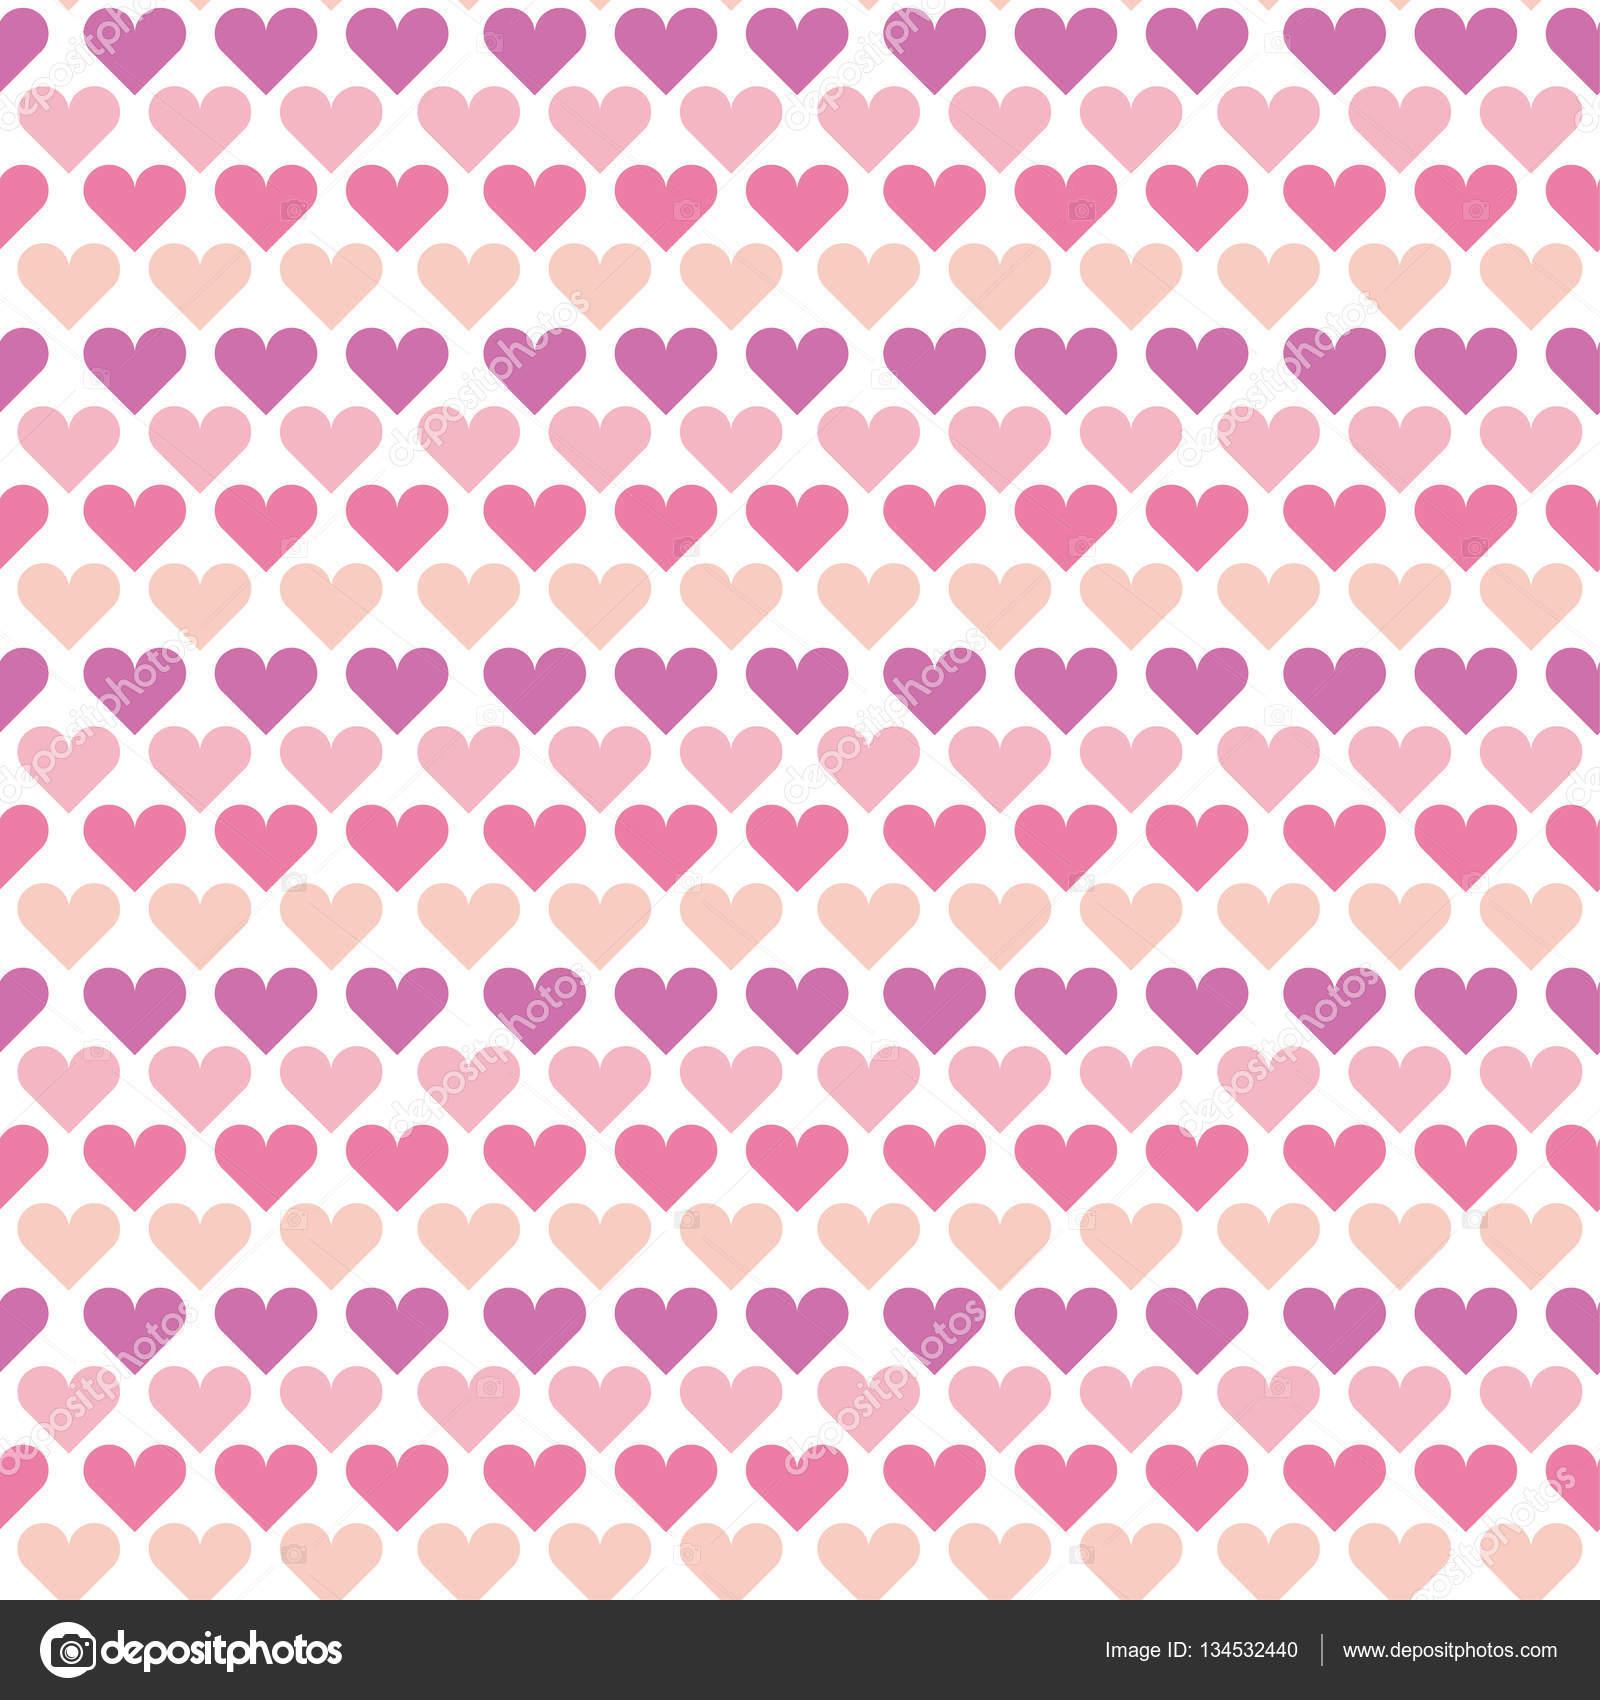 Valentine nahtlose Polka Dot Muster mit bunten Herzen. einfach ...